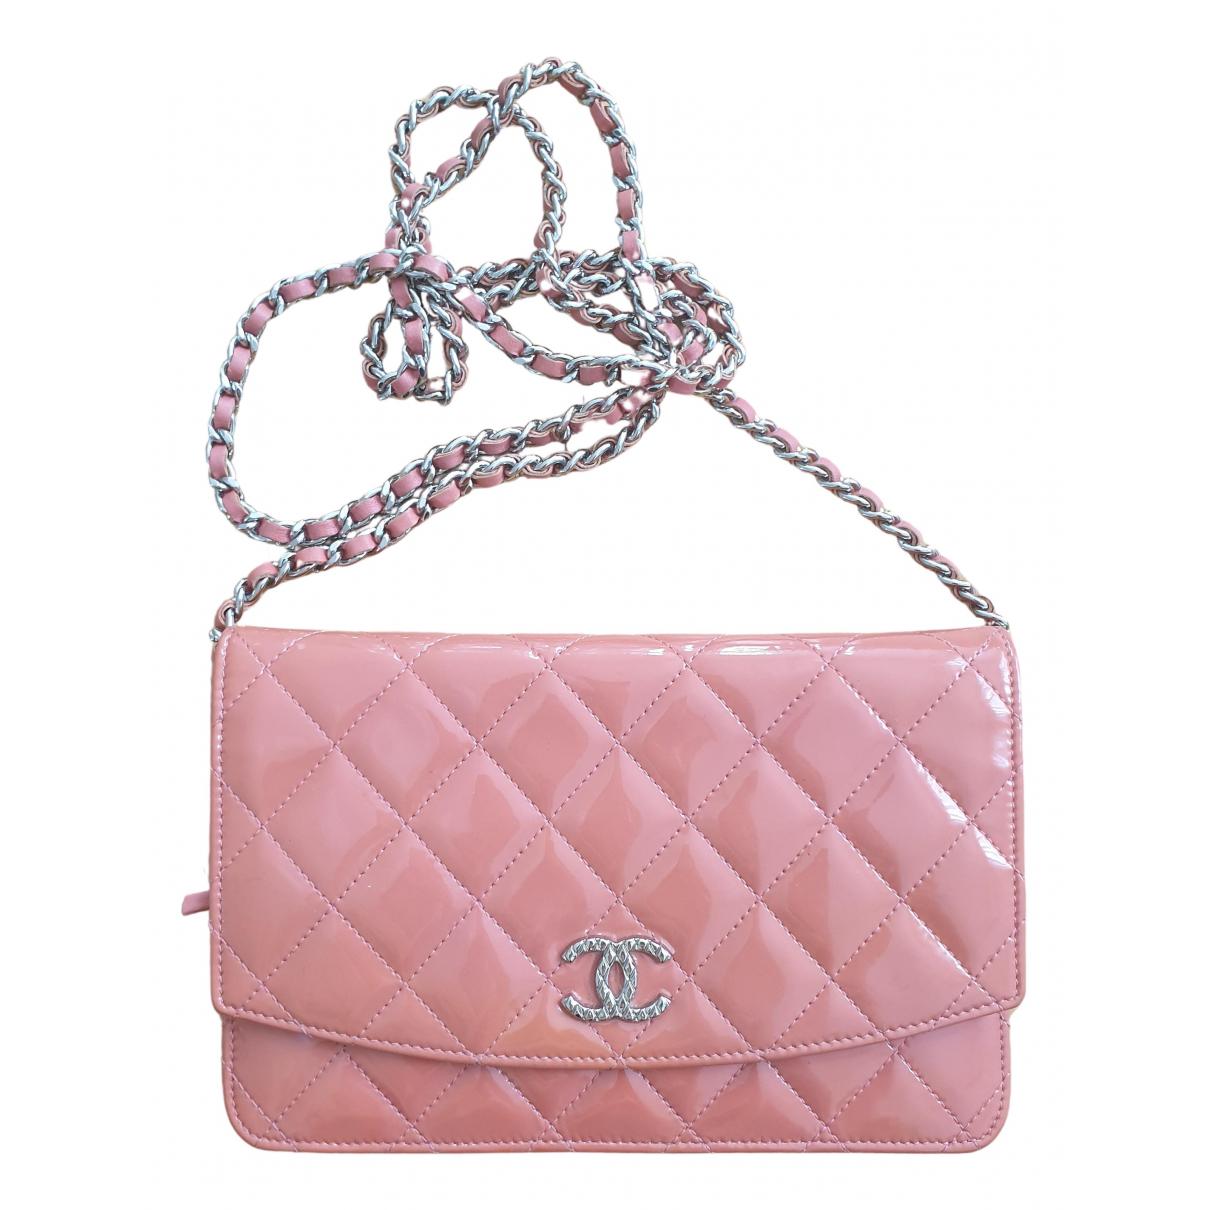 Chanel - Pochette Wallet on Chain pour femme en cuir verni - rose